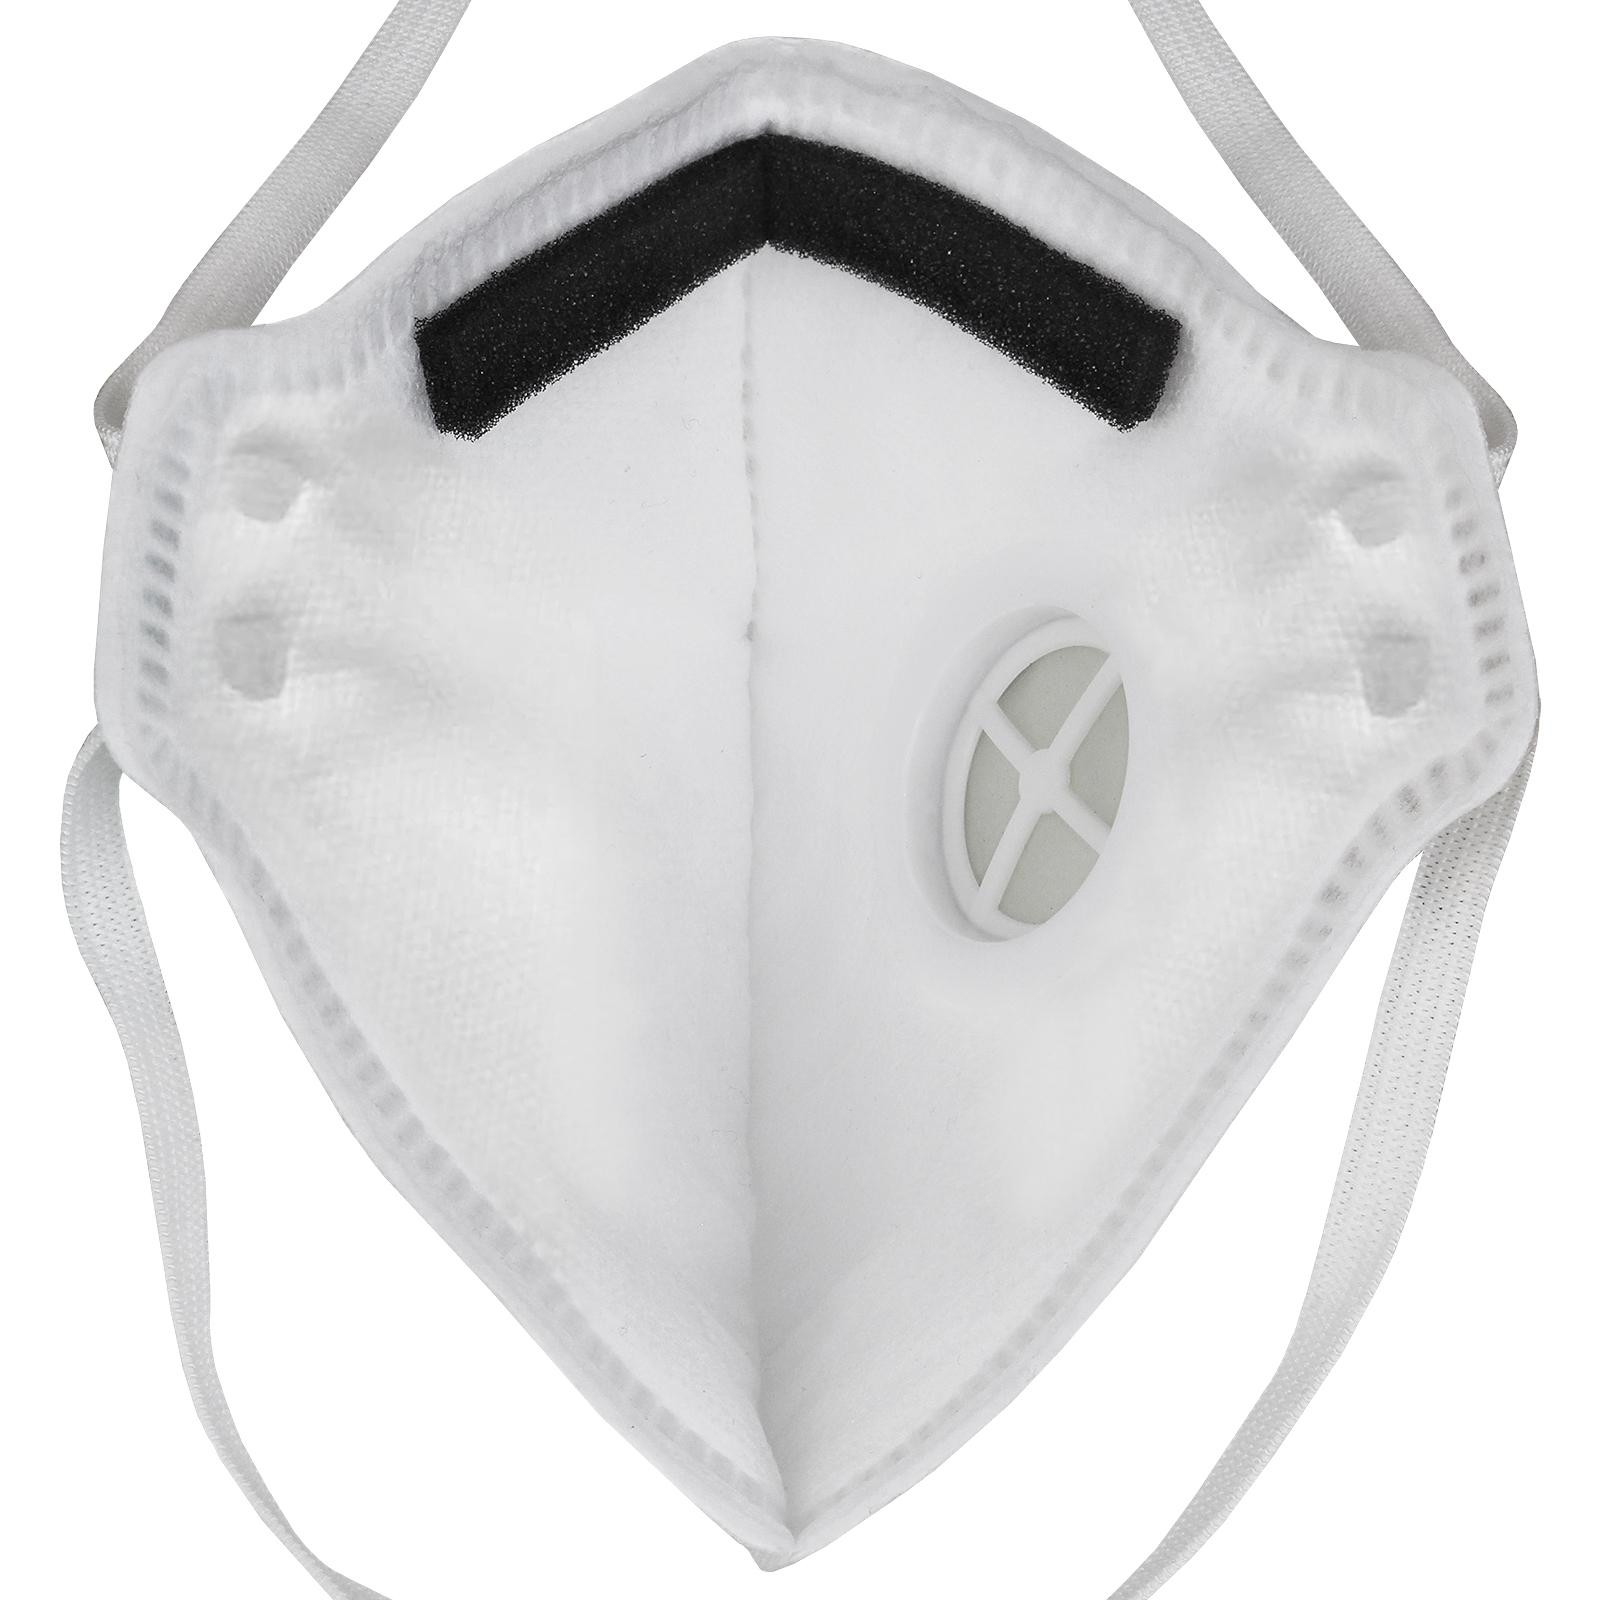 Mundschutz Atemschutzmaske FFP3 mit Ventil Maske ...